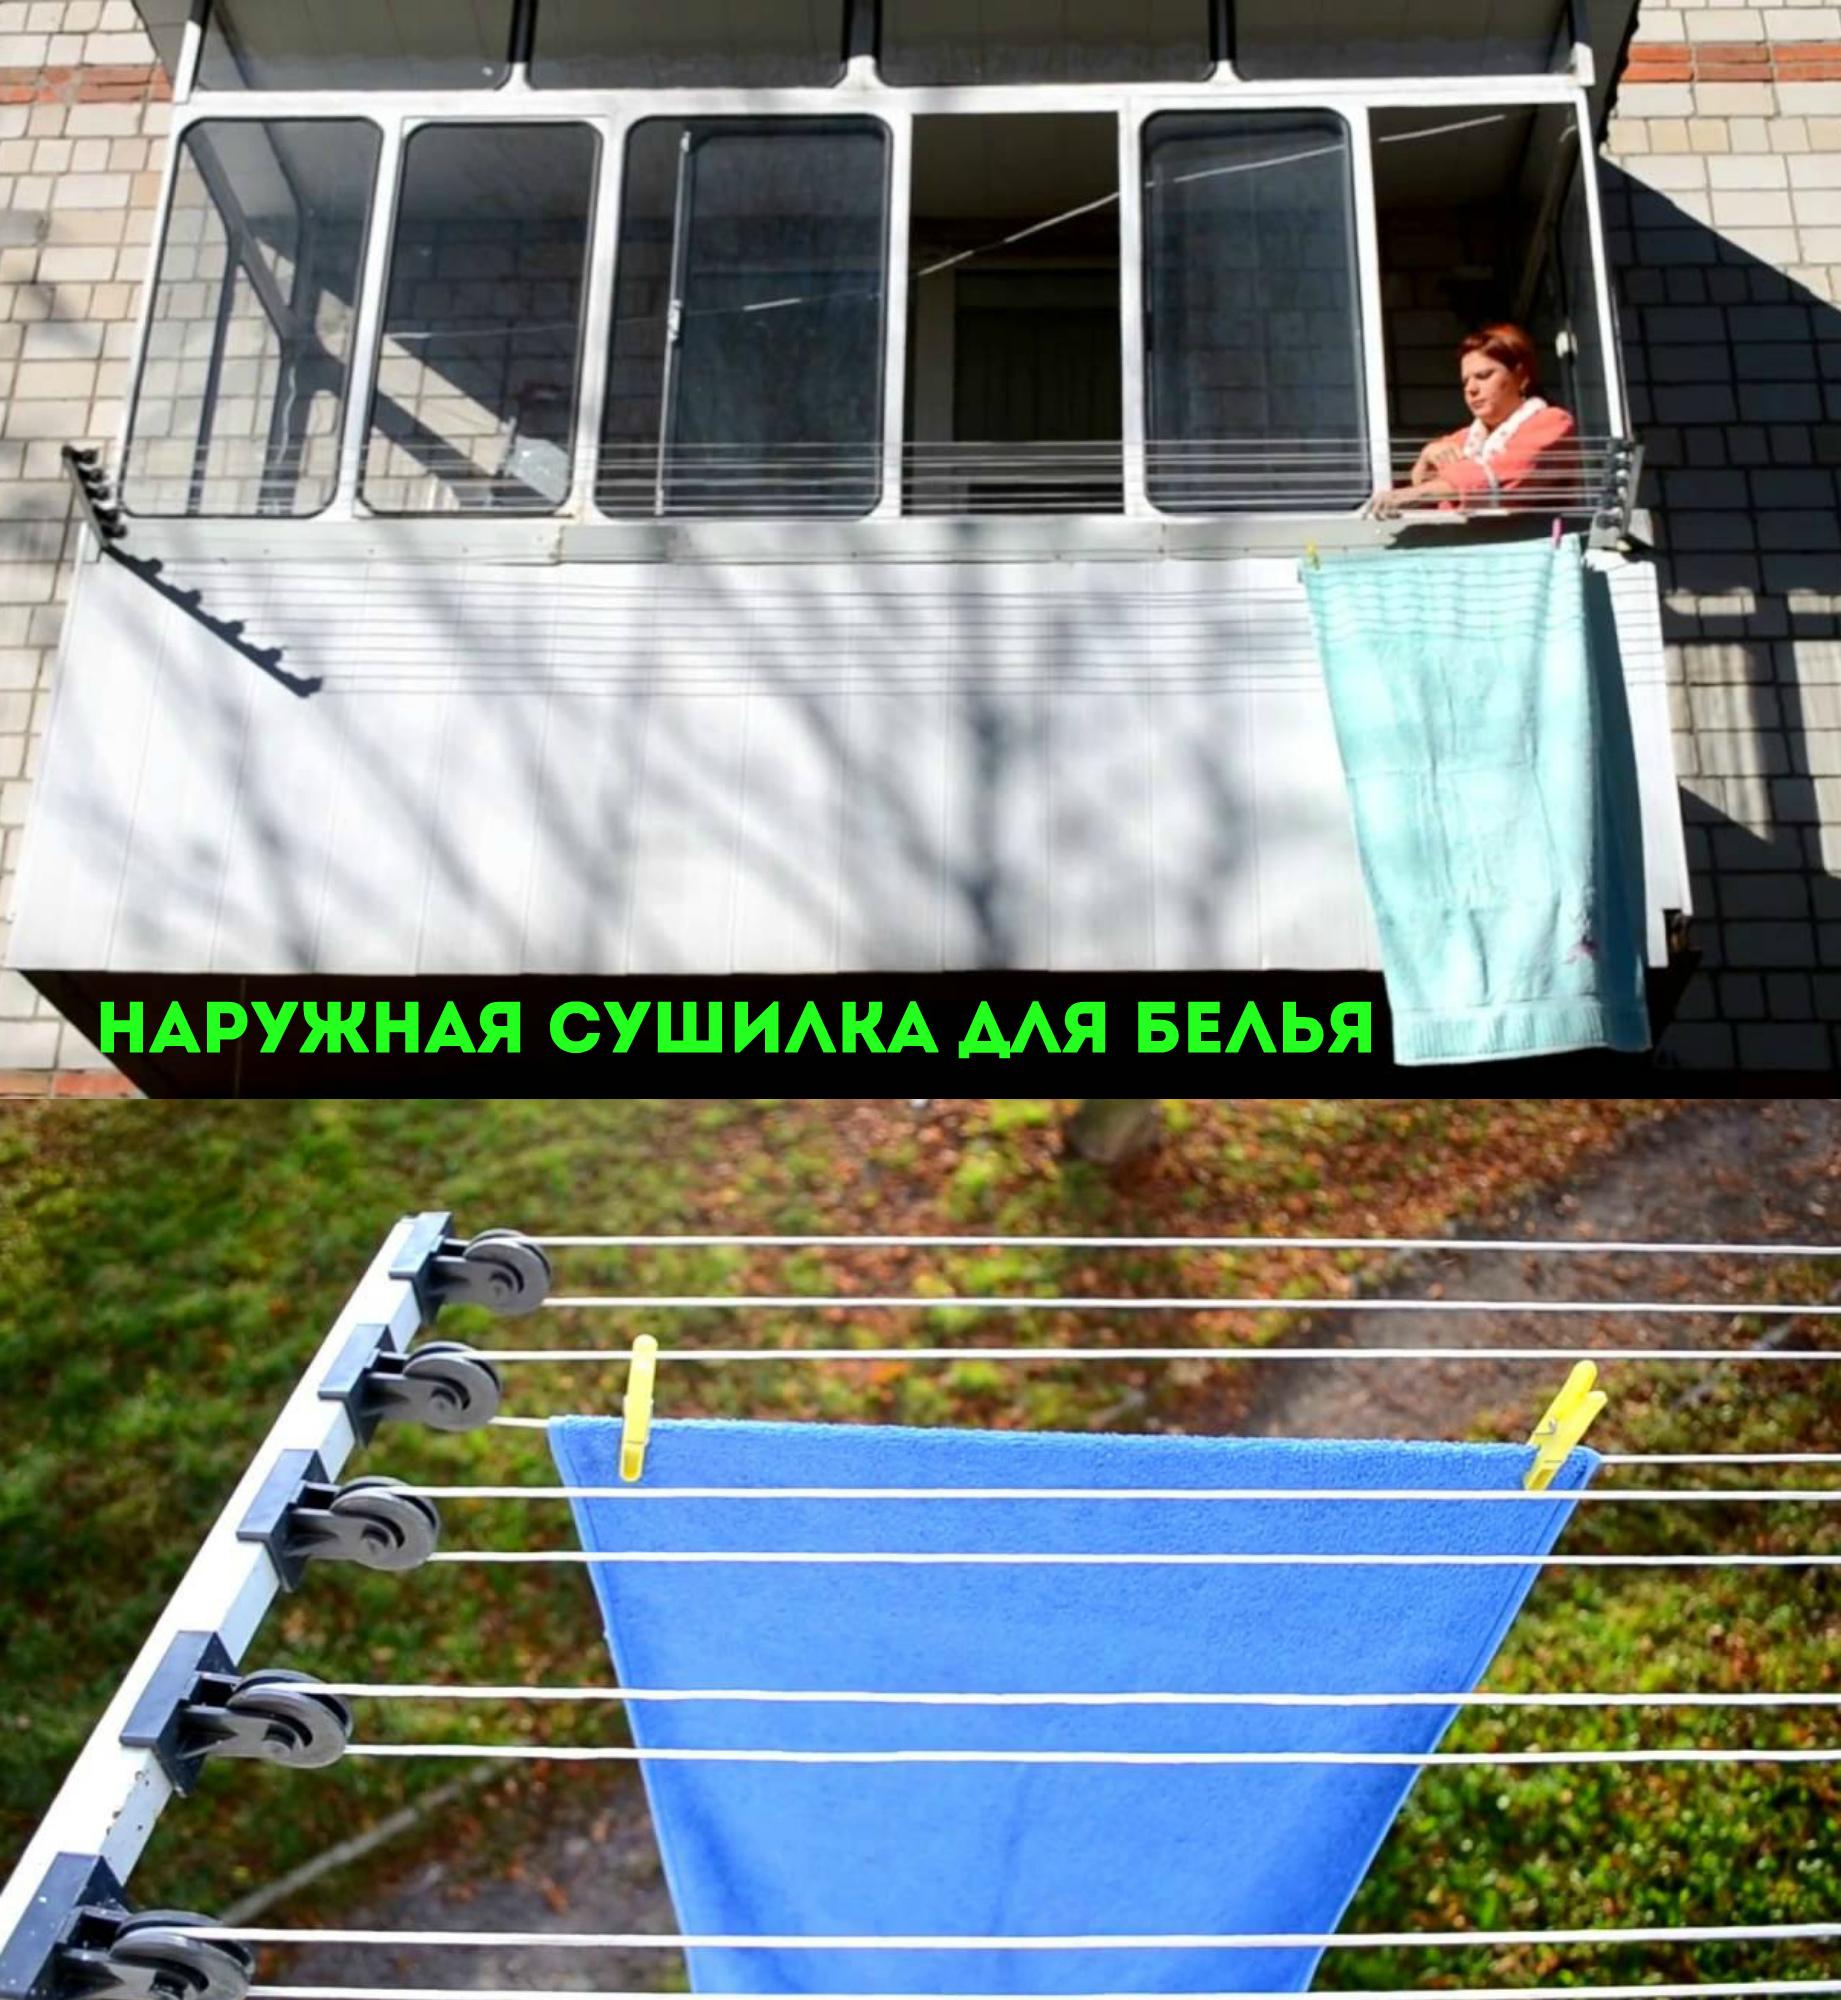 Сушилка для белья наружная за окно, балкон или лоджию. - куп.